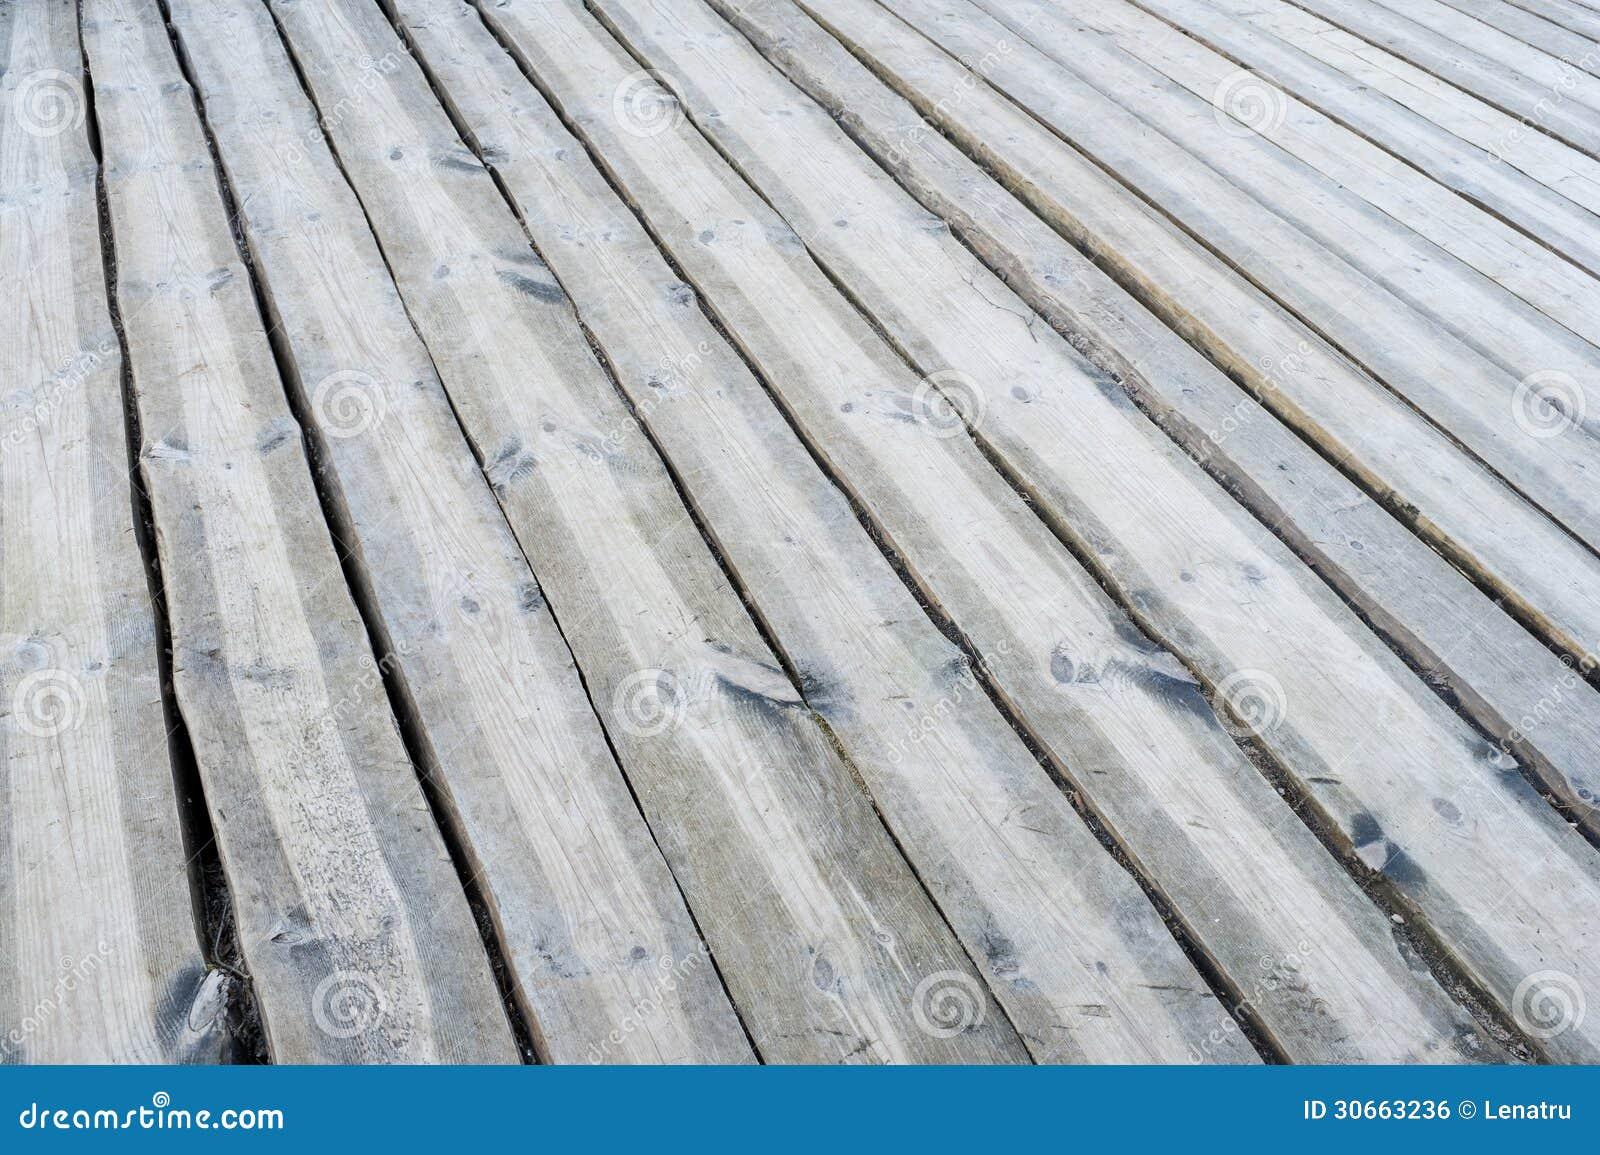 plancher ext rieur en bois gris de terrasse photo stock image du panneau fournissez 30663236. Black Bedroom Furniture Sets. Home Design Ideas